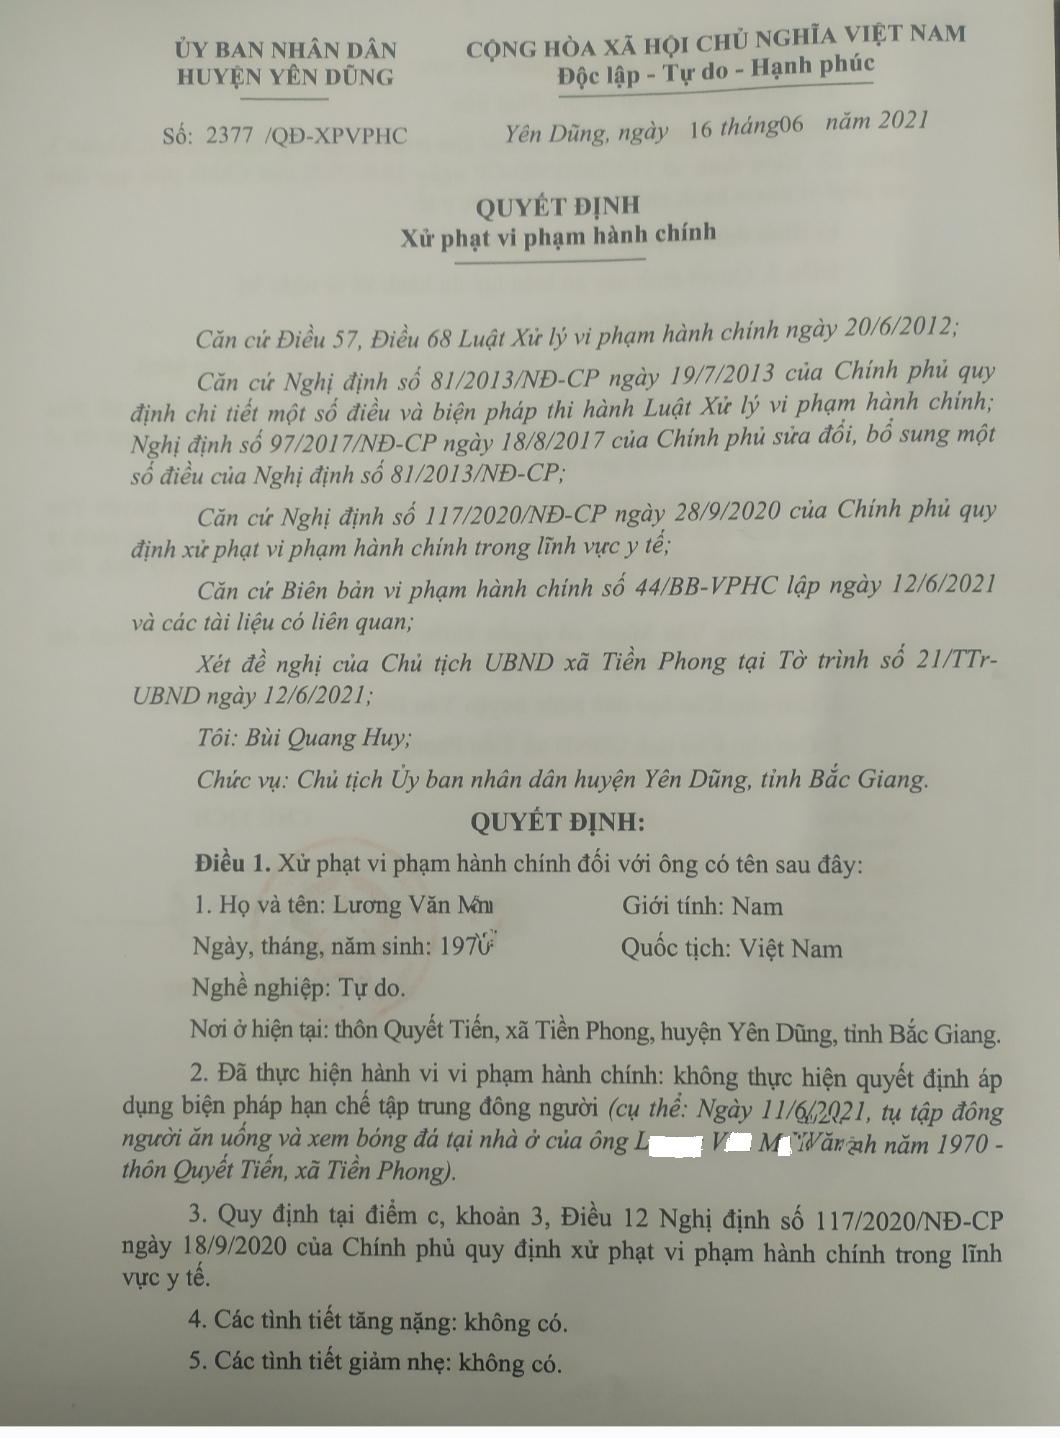 Quyết định xử phạt VPHC của ông L.V.M